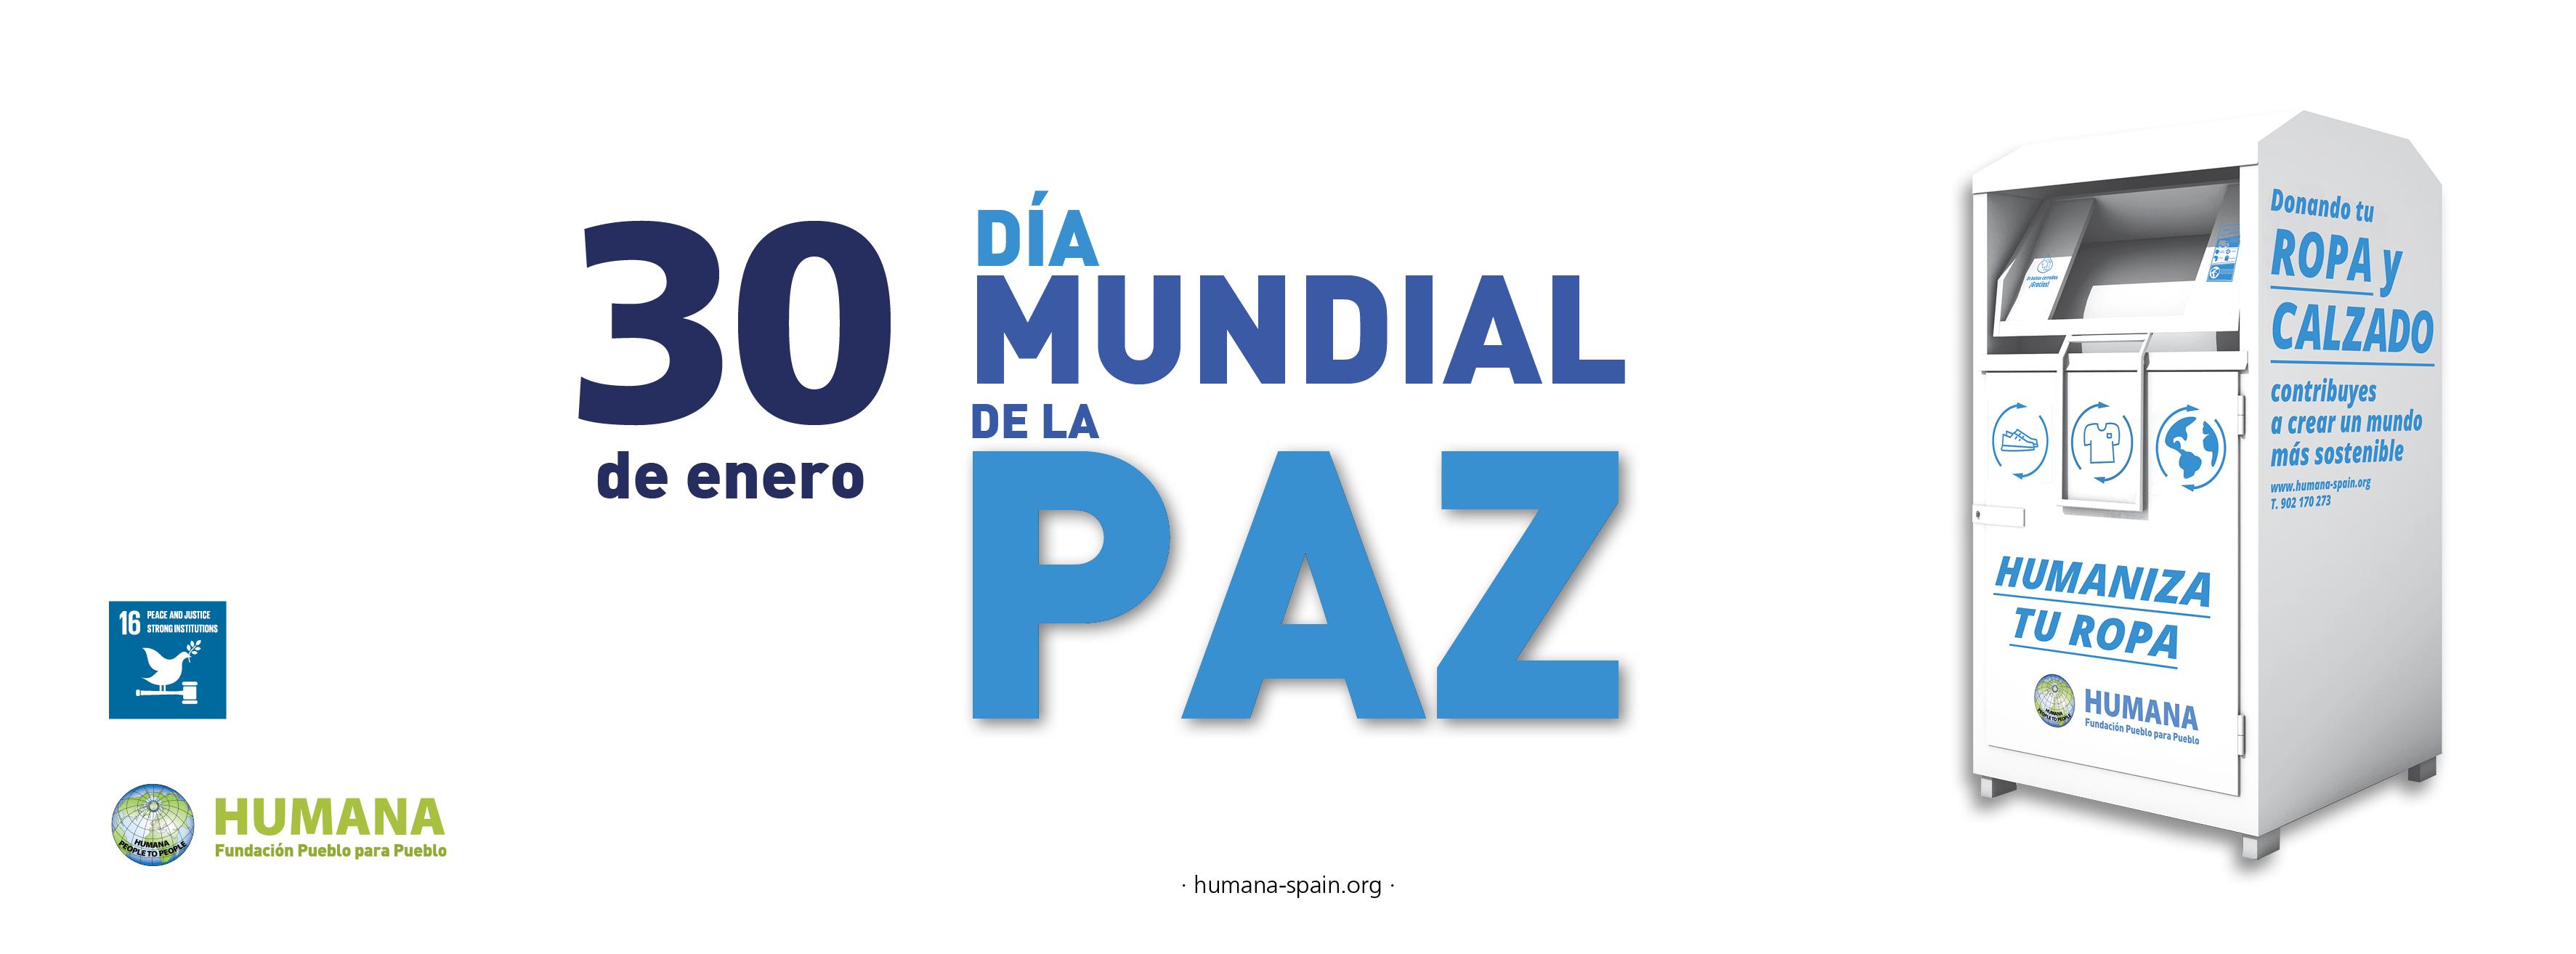 HUMANA_FB_DIA DE LA PAZ